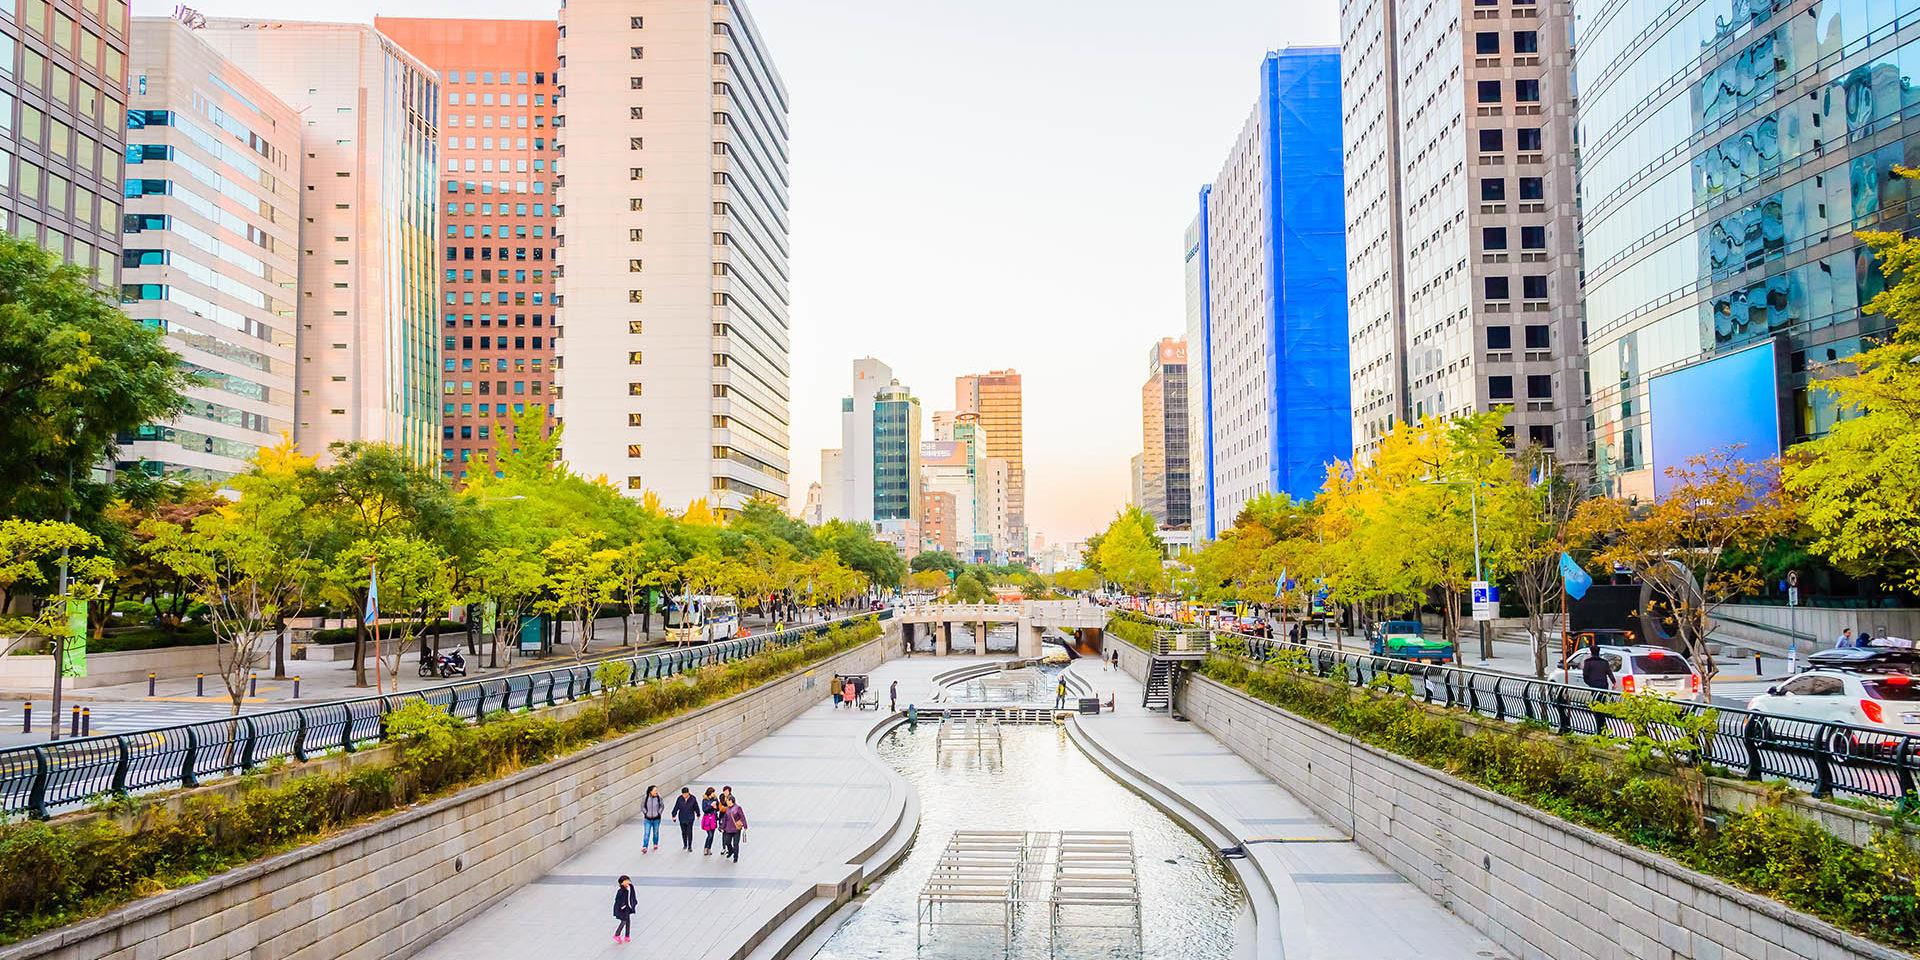 Río Cheonggyecheon, Corea del Sur